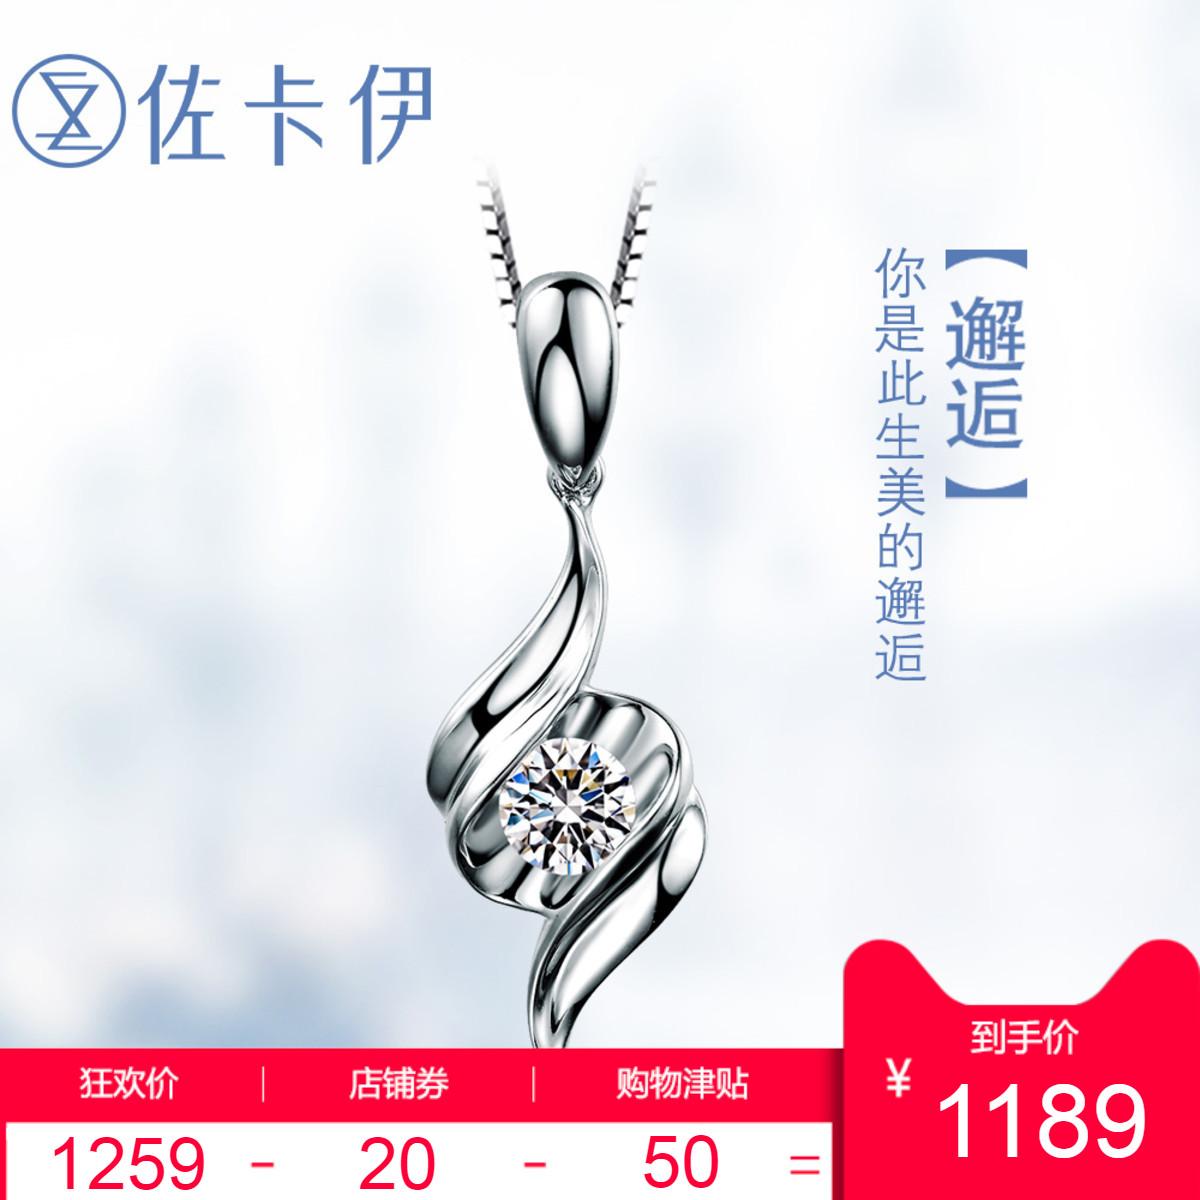 Zakaly белый 18-каратный золотой бриллиант популярный женский подвеска один Ожерелье с бриллиантами в подарок Подарок подруги